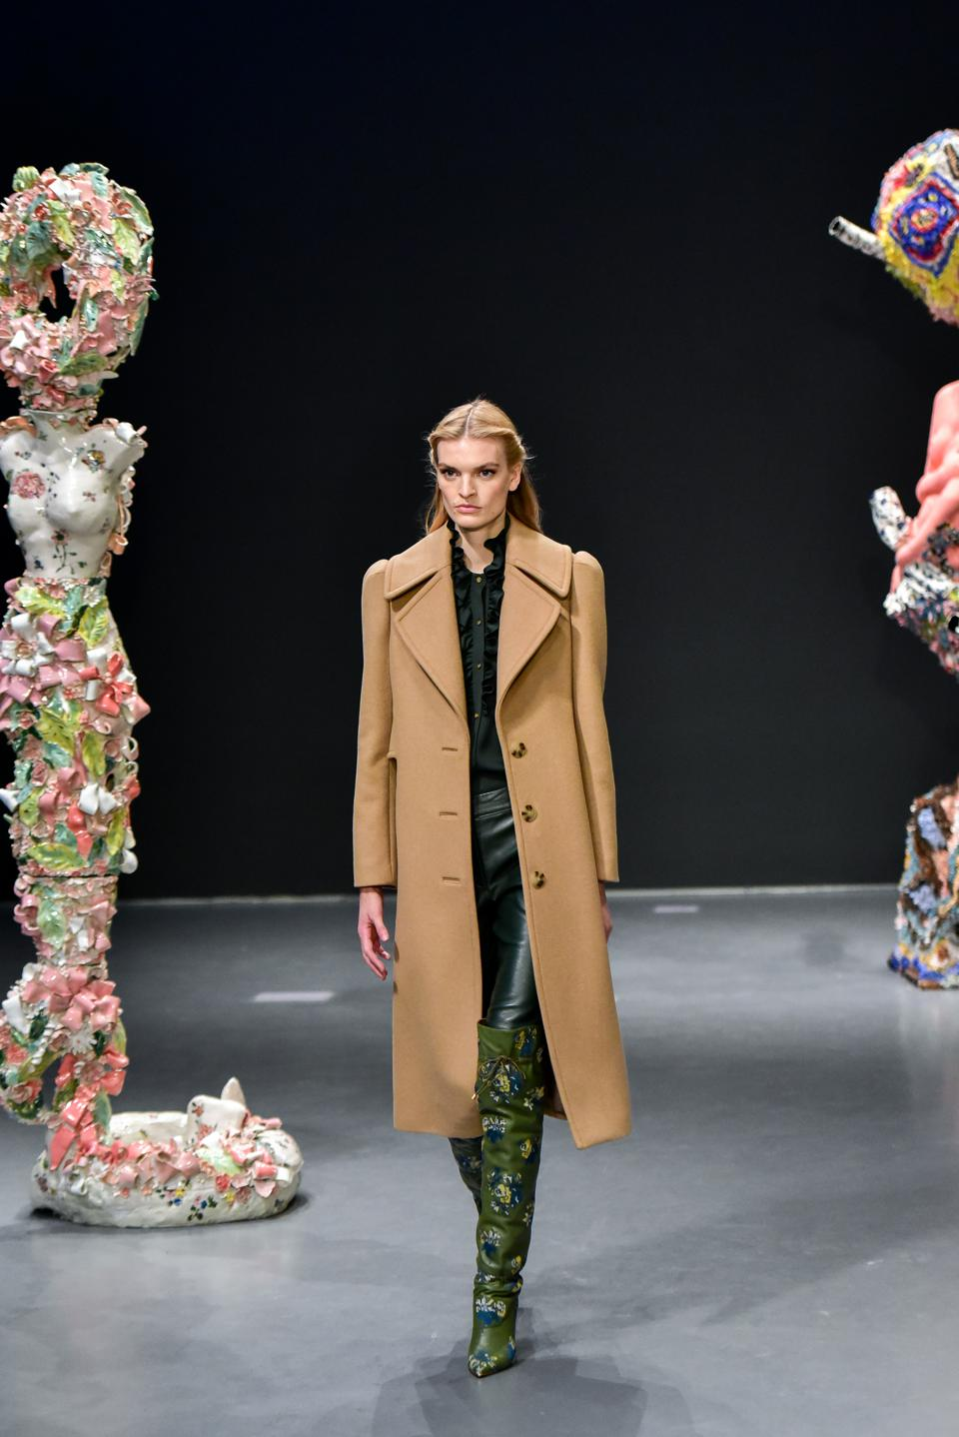 Tory Burch AW/20 Fashion Show